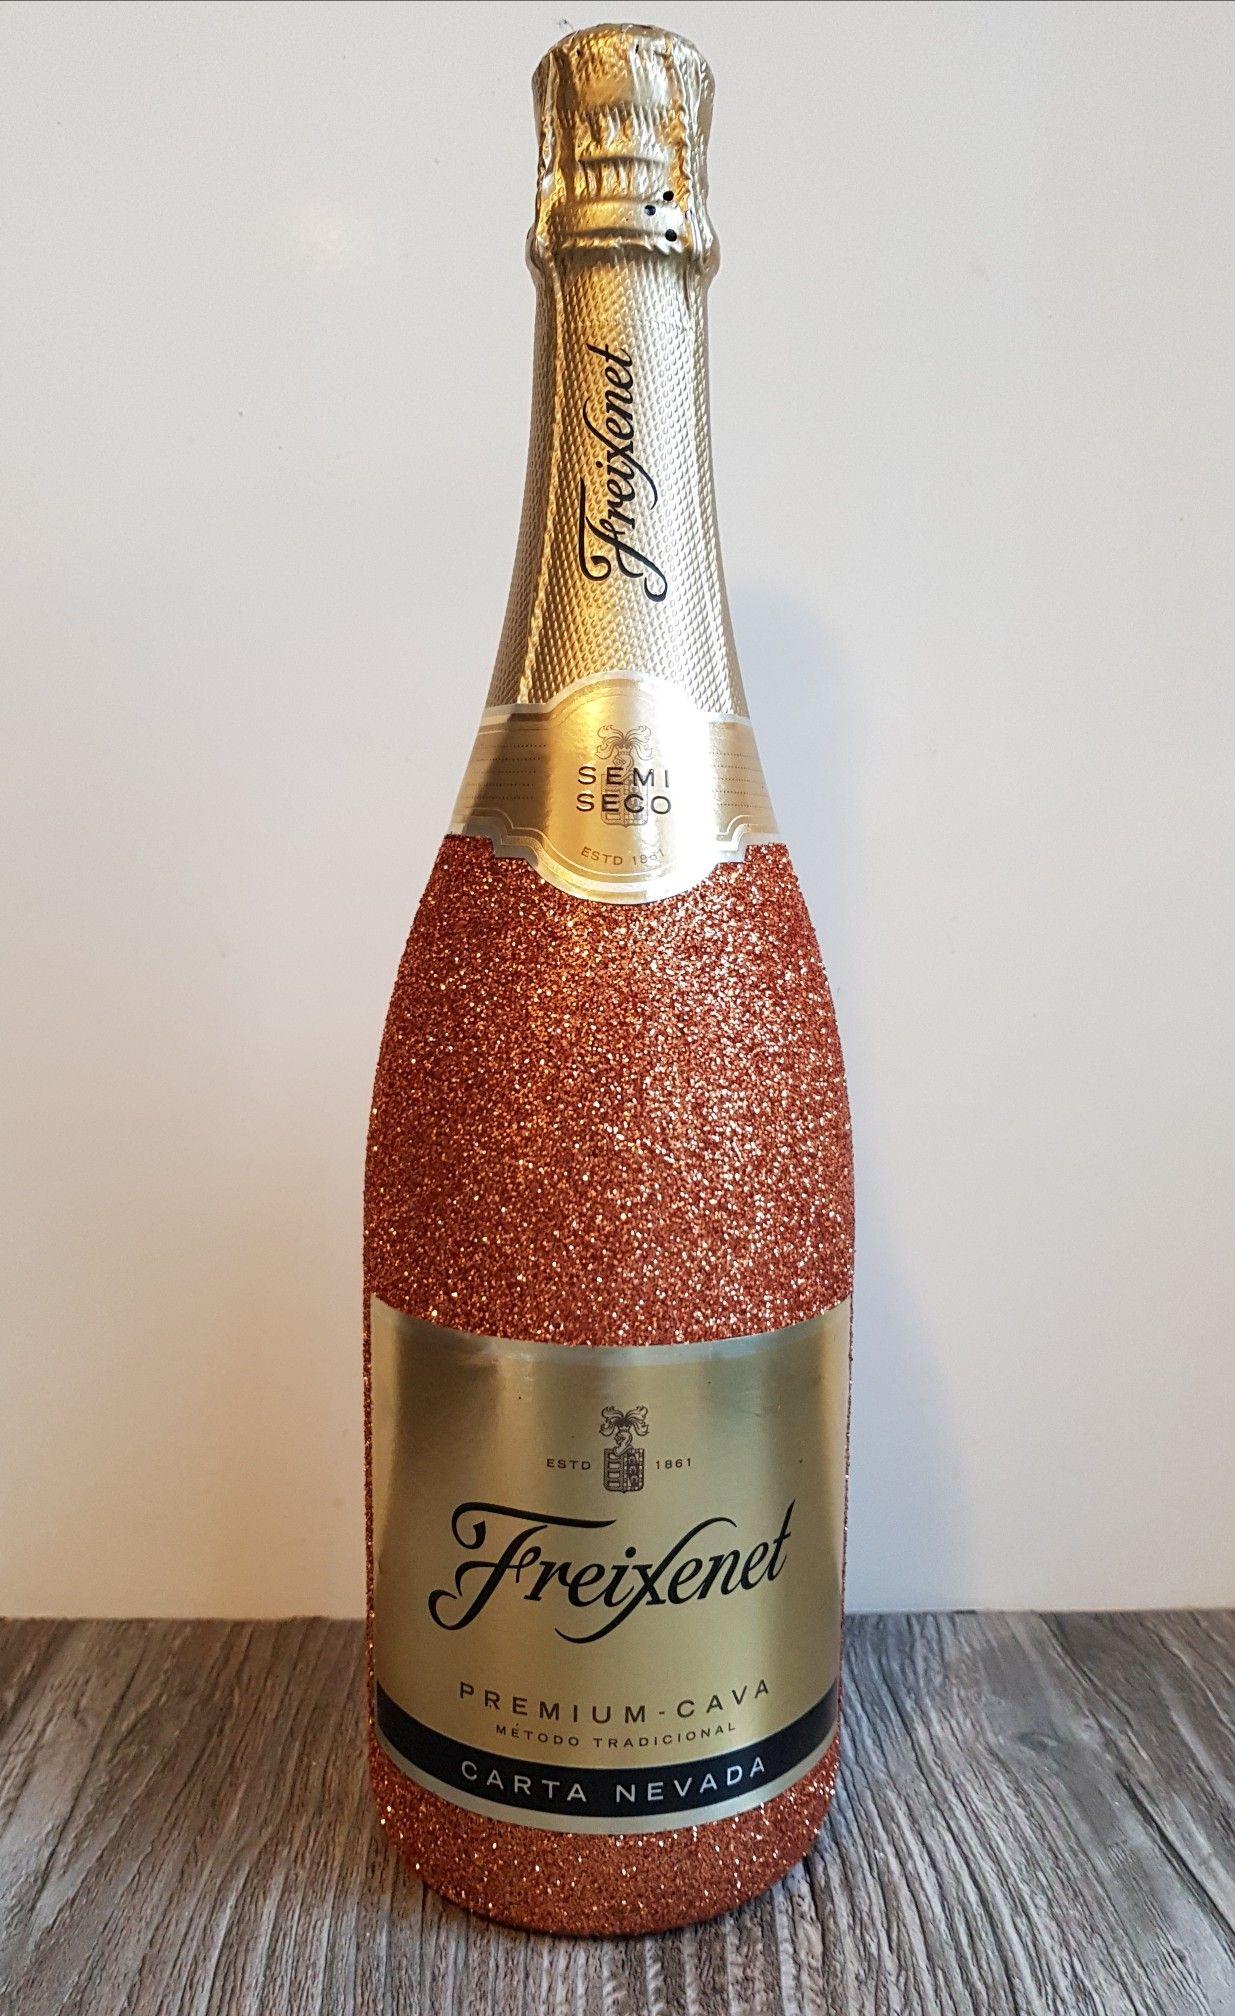 Onwijs Glitter bottle cava freixenet | Greg birthday | Diy wine glasses SG-36